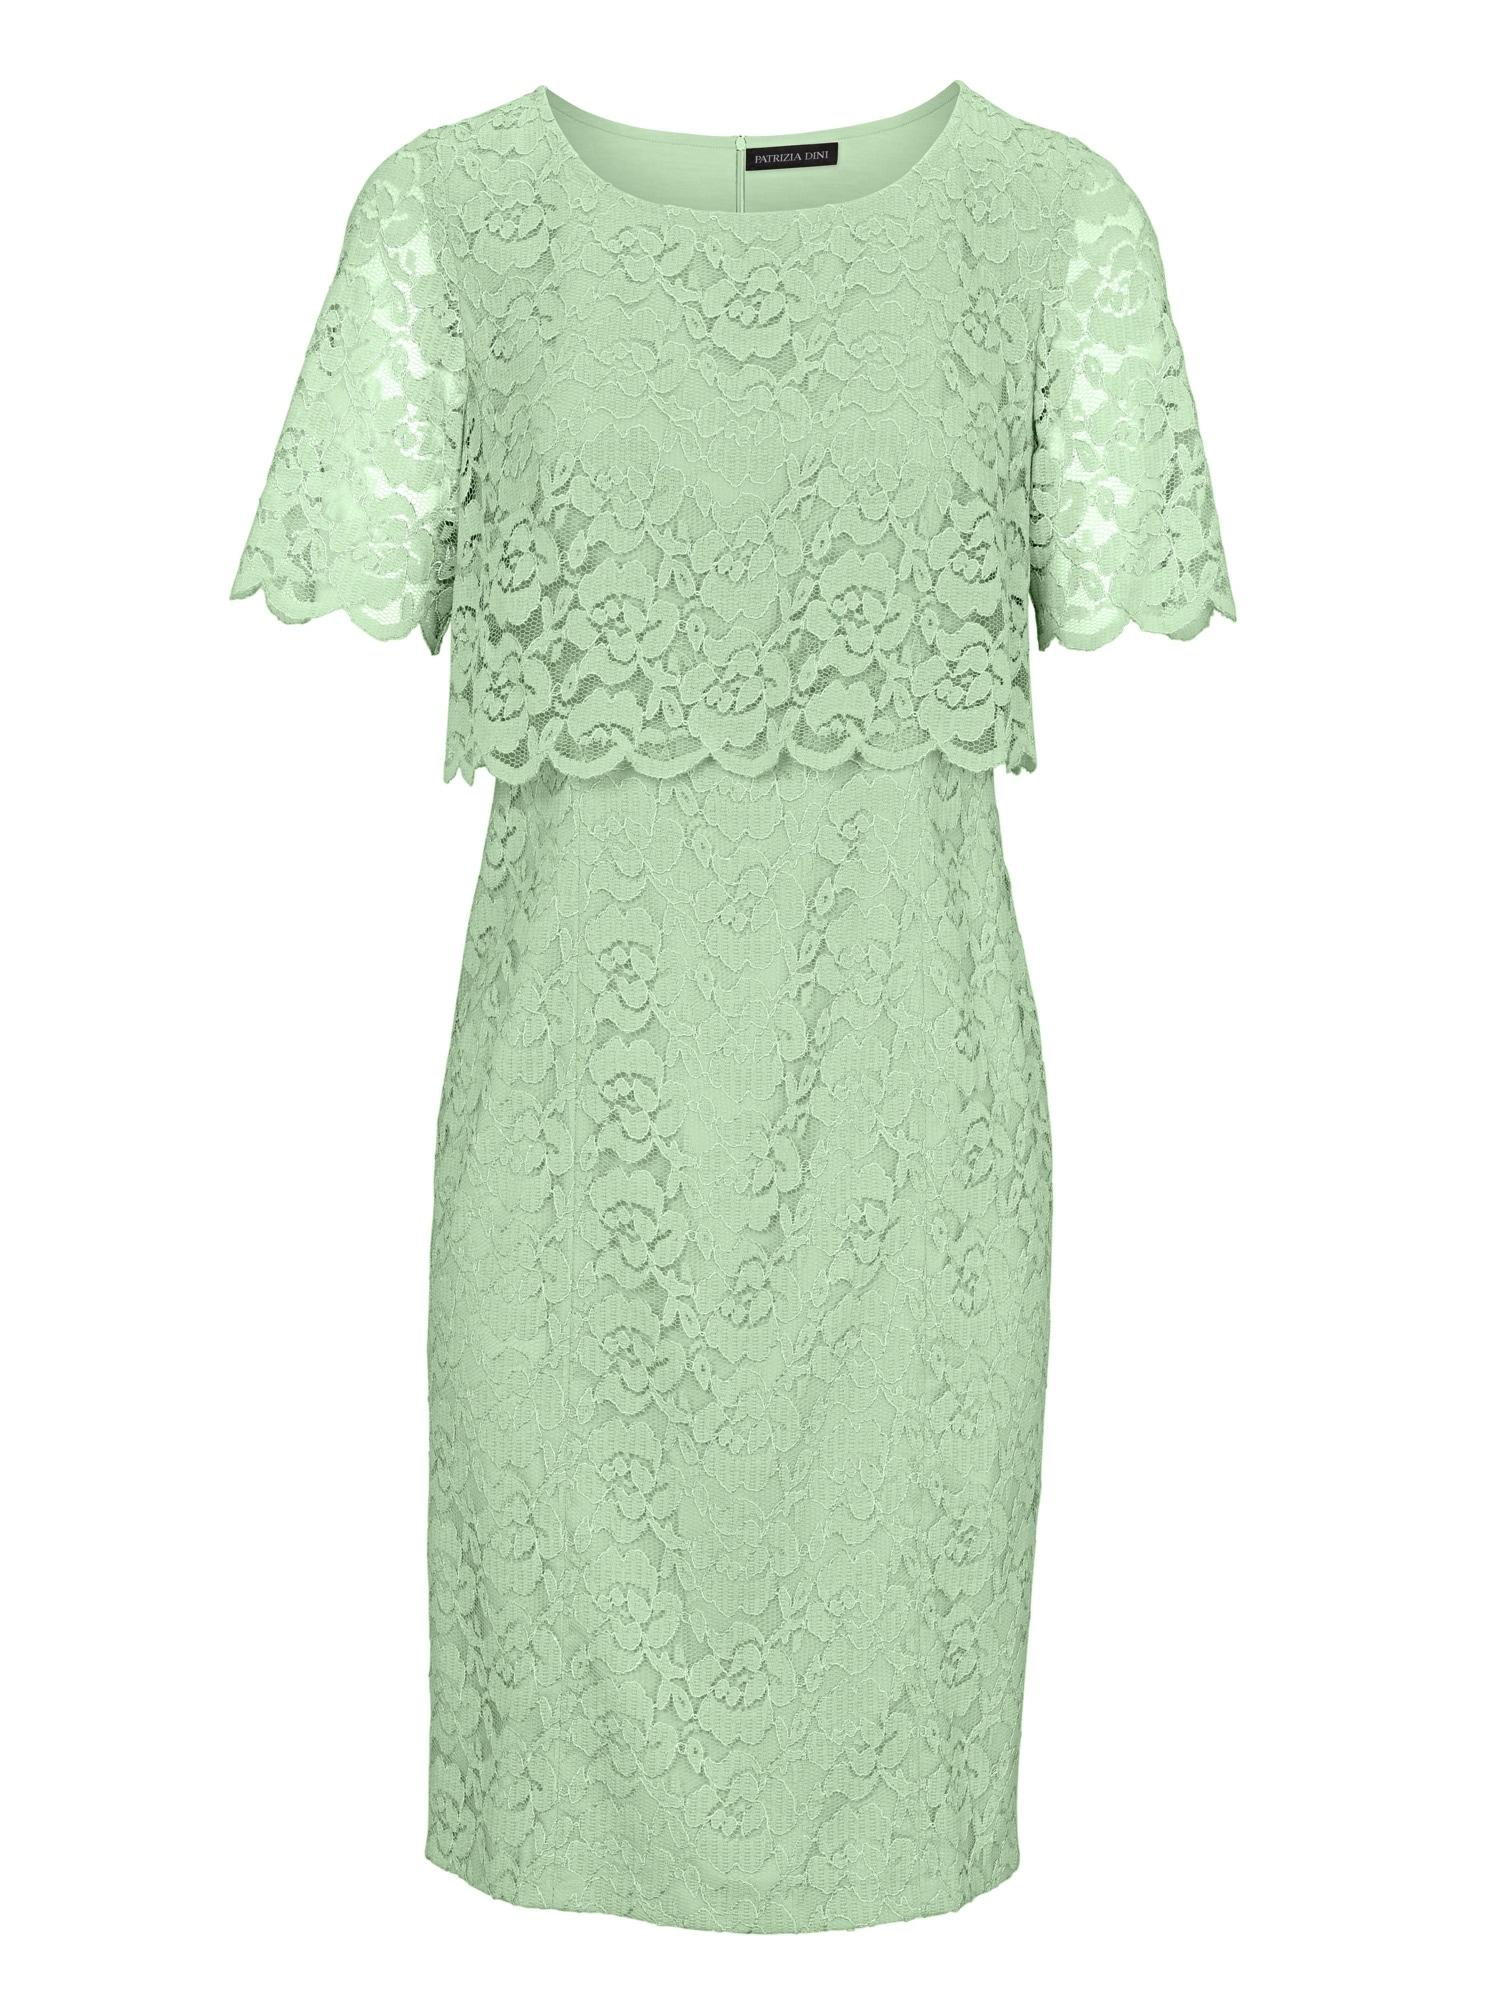 half off 66c8c 8258d heine TIMELESS Kleid aus Spitze